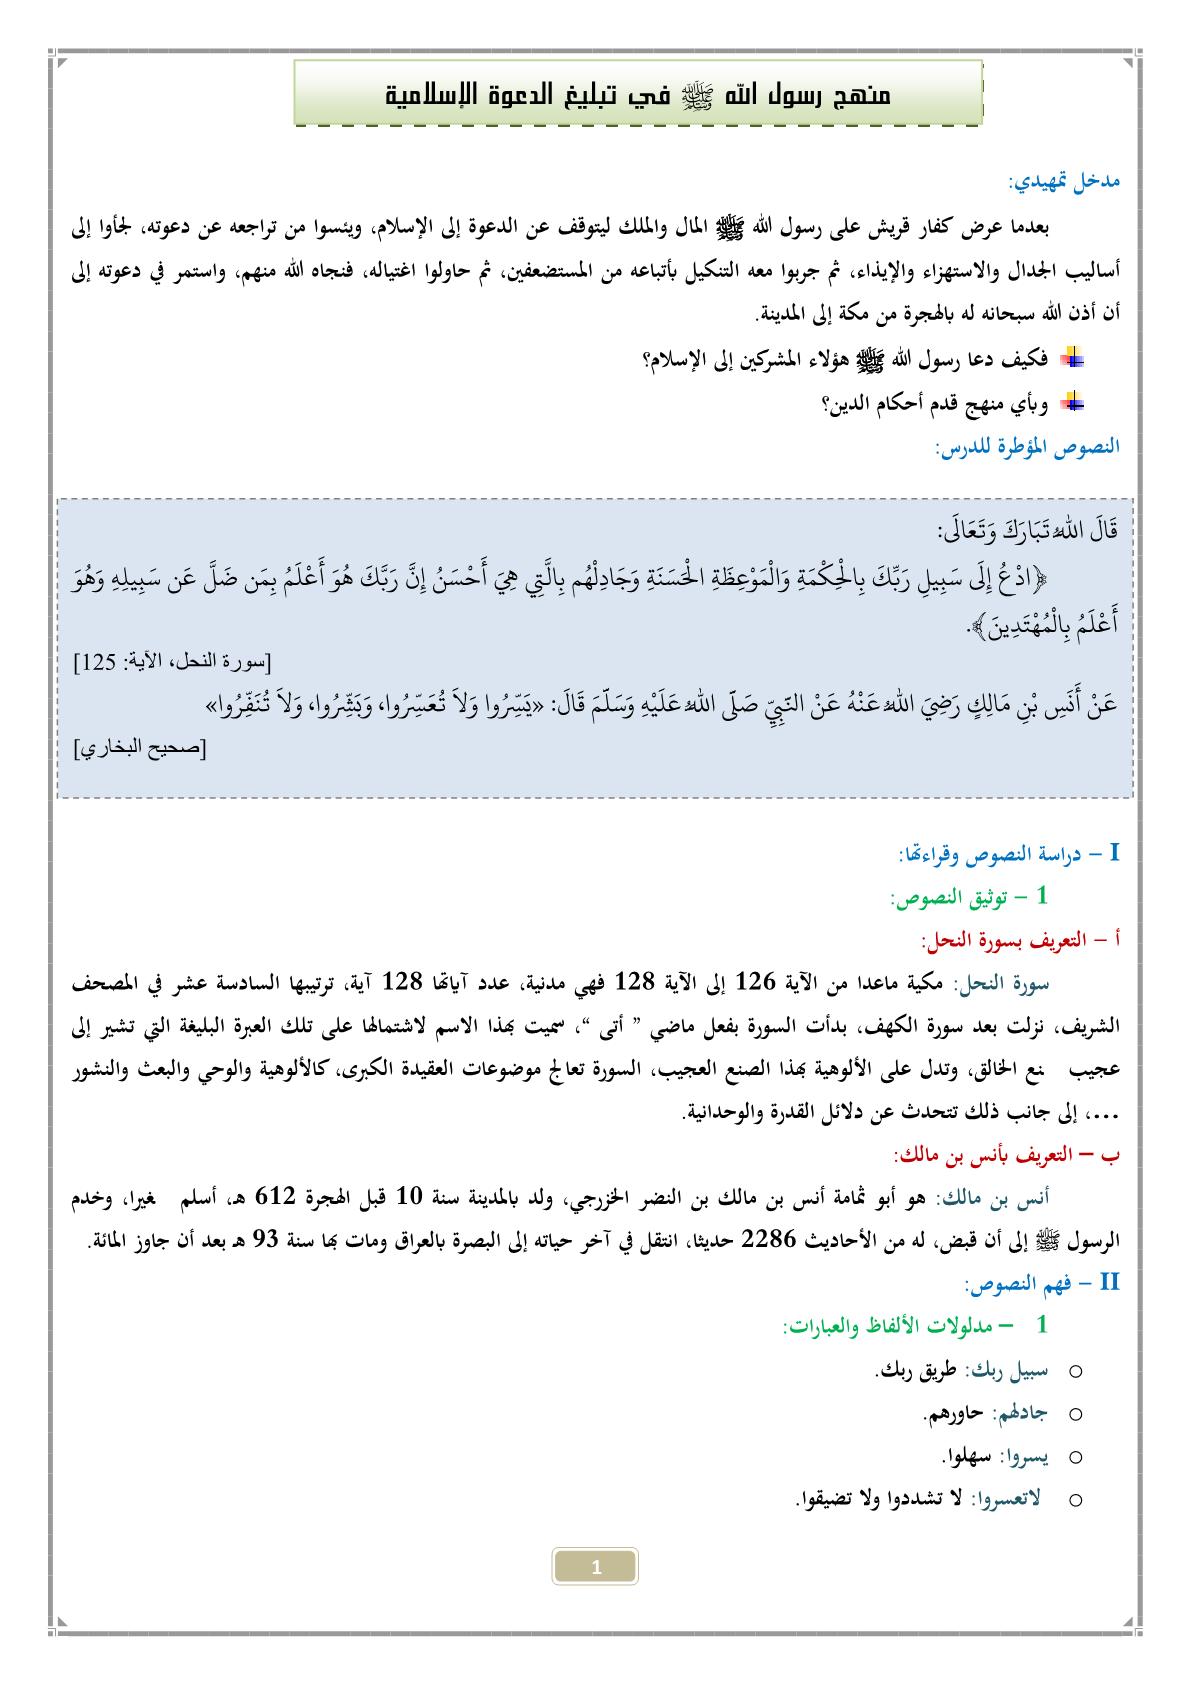 منهج رسول الله صلى الله عليه وسلم في تبليغ الدعوة الإسلامية